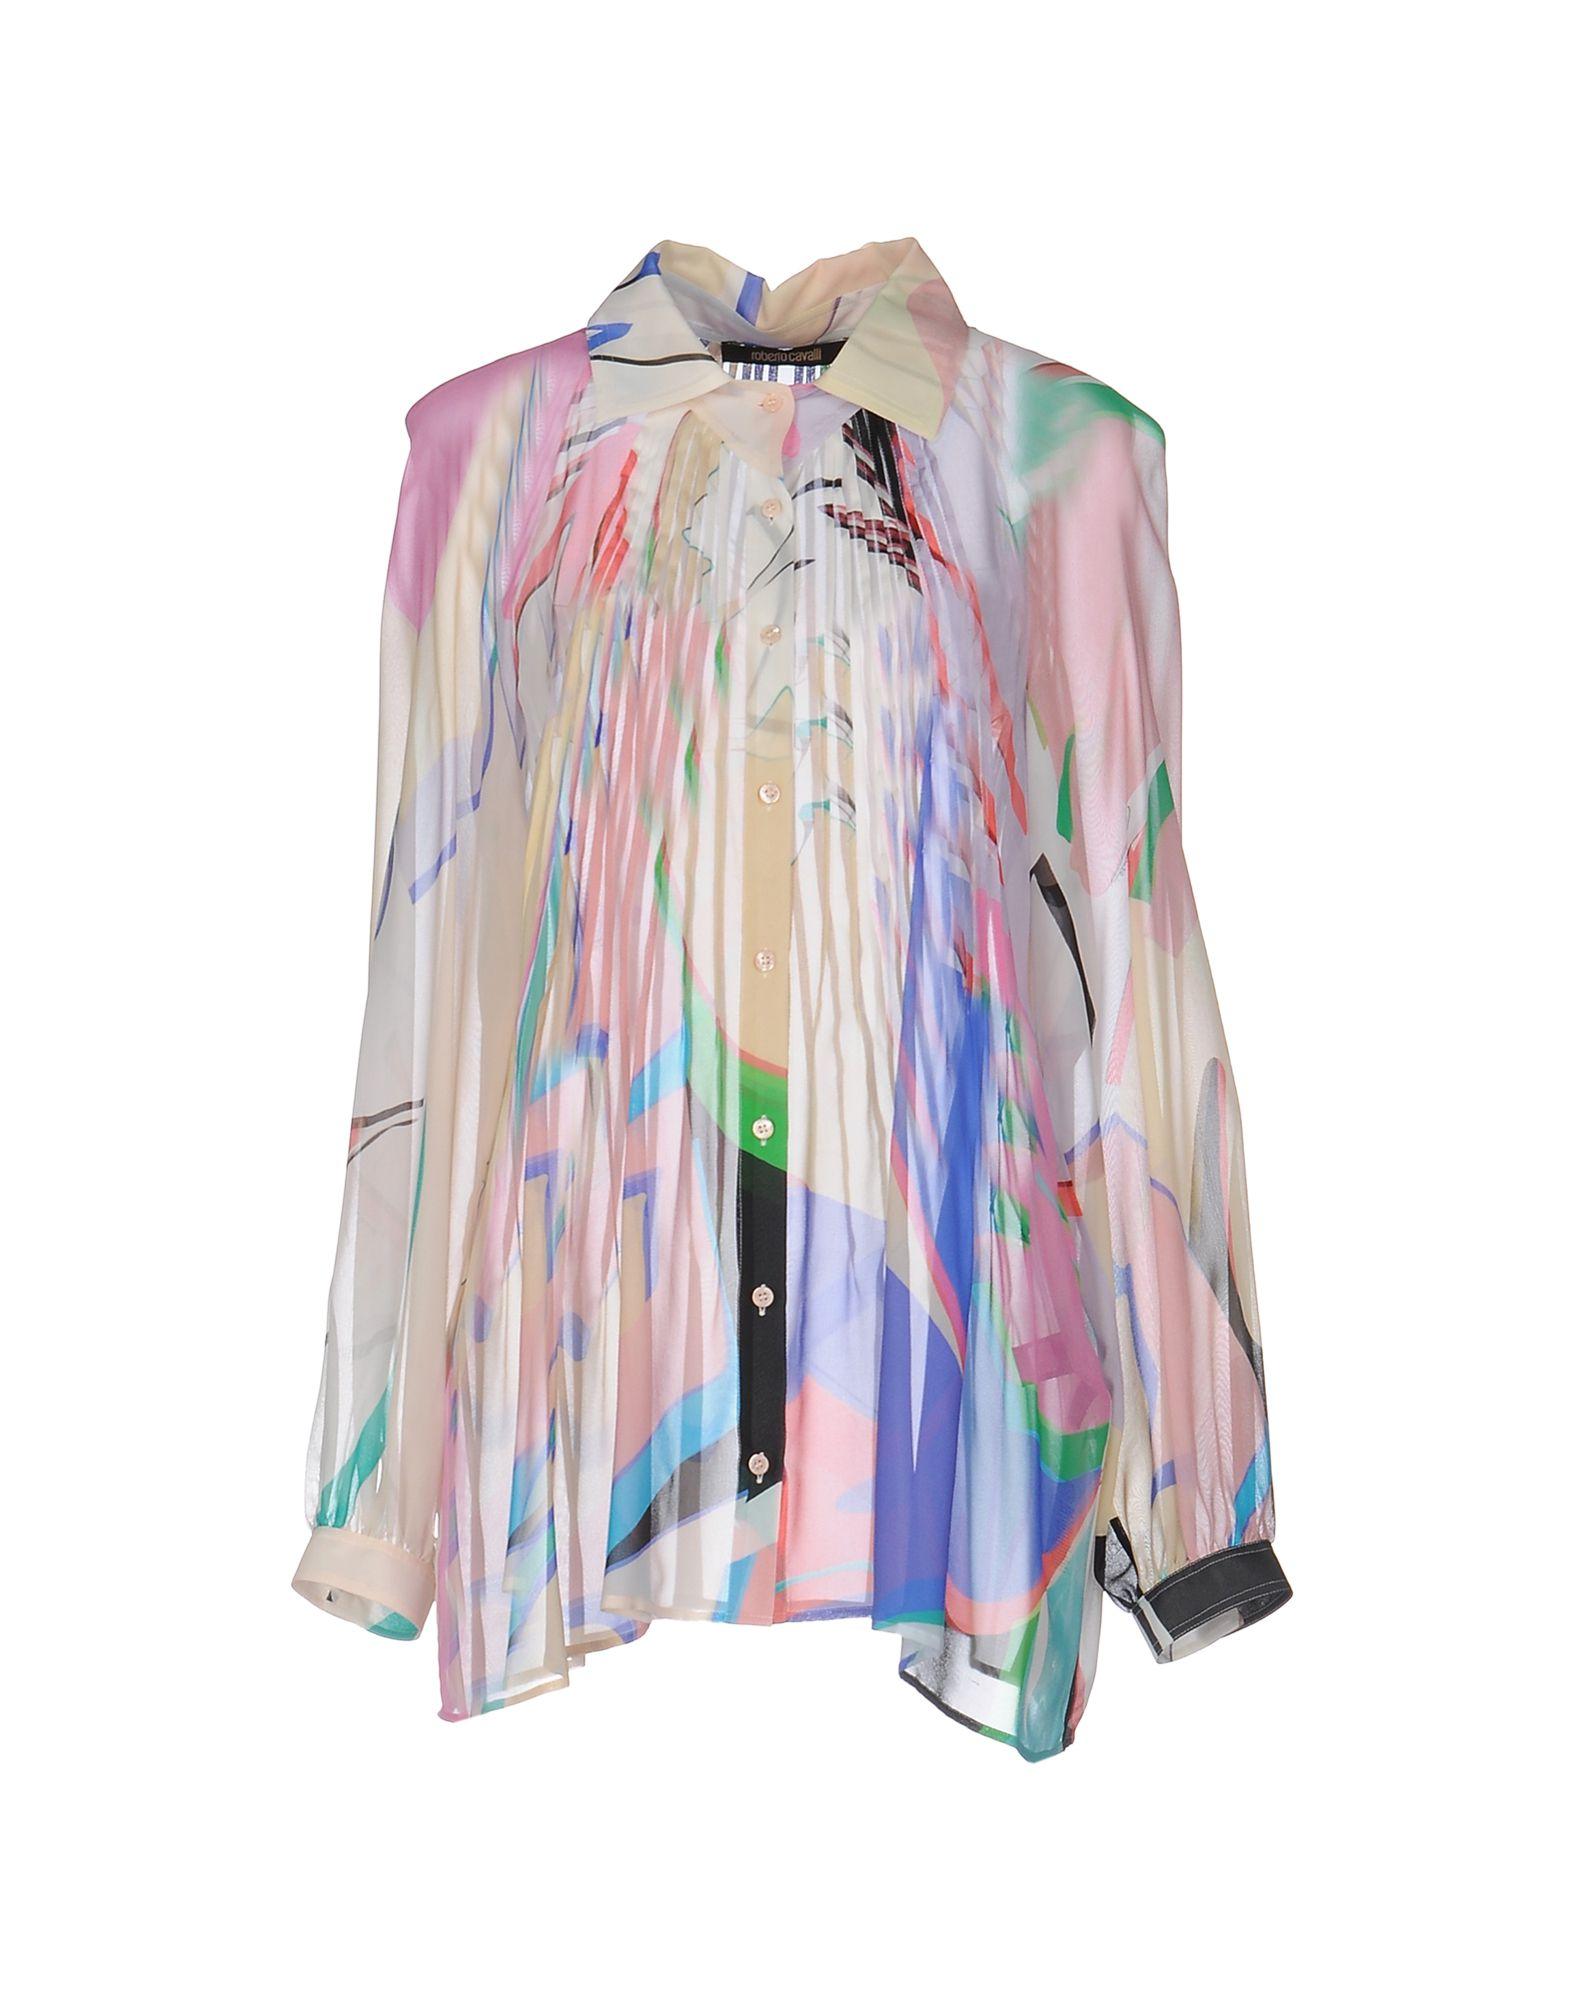 Camicie E Bluse Fantasia Roberto Cavalli Donna - Acquista online su LzzfFfQoJ